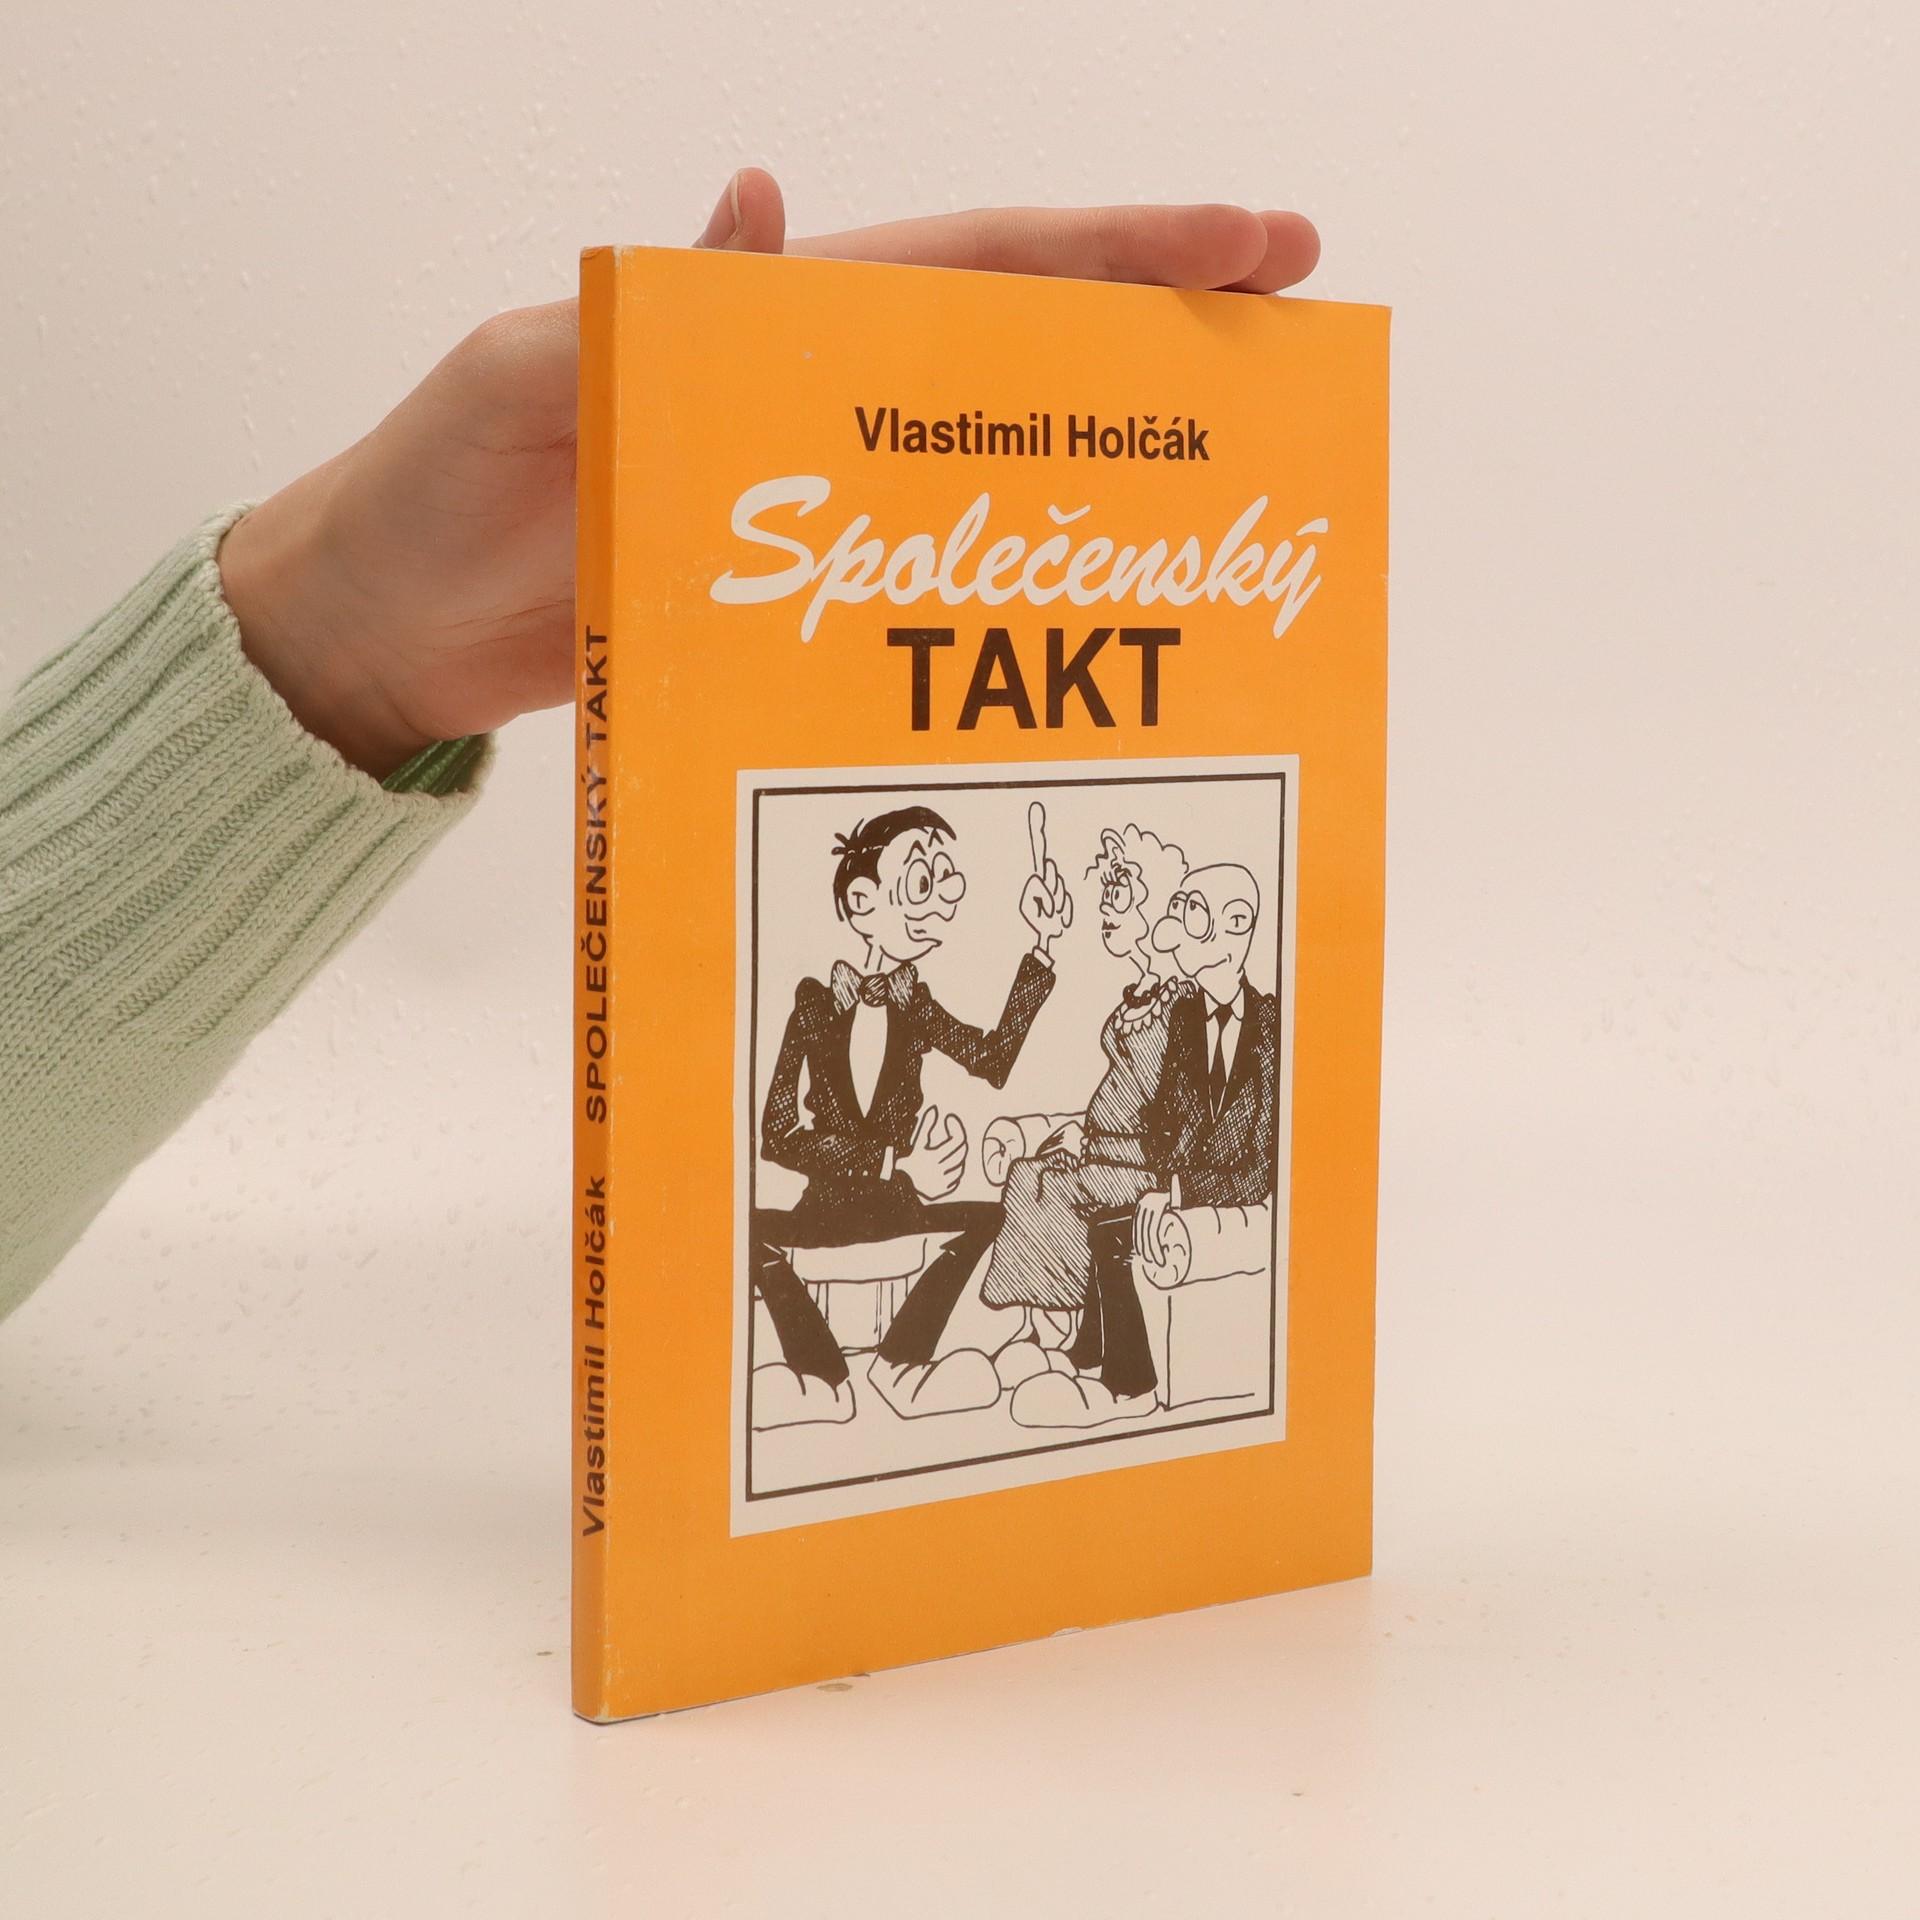 antikvární kniha Společenský takt, 1995